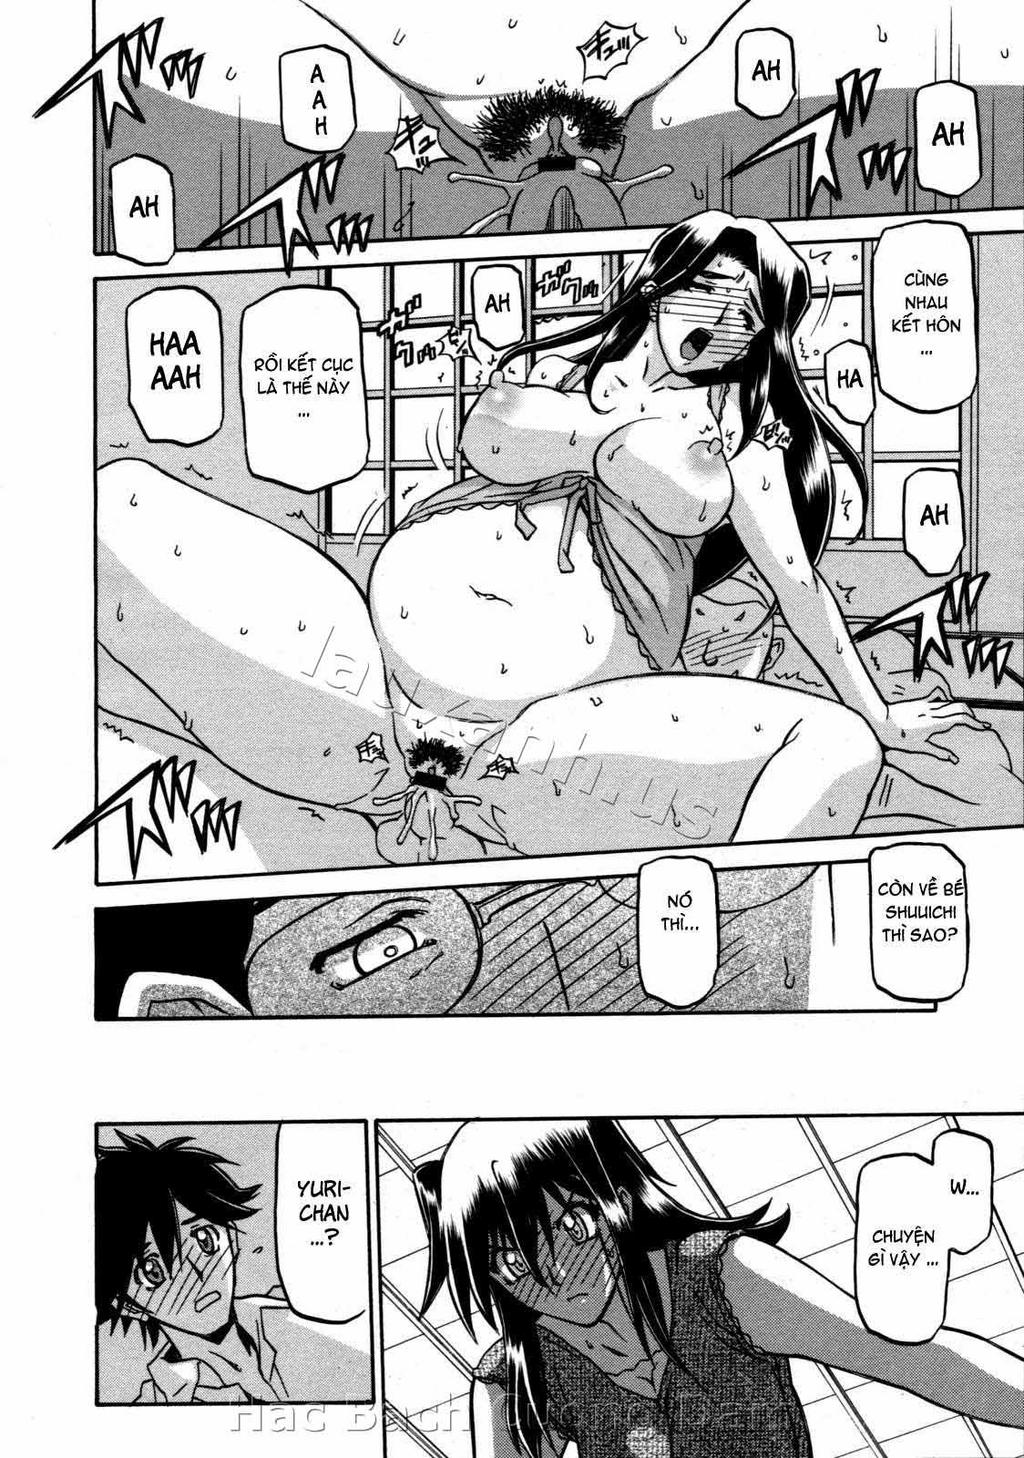 Hình ảnh hentailxers.blogspot.com0107 trong bài viết Manga H Sayuki no Sato